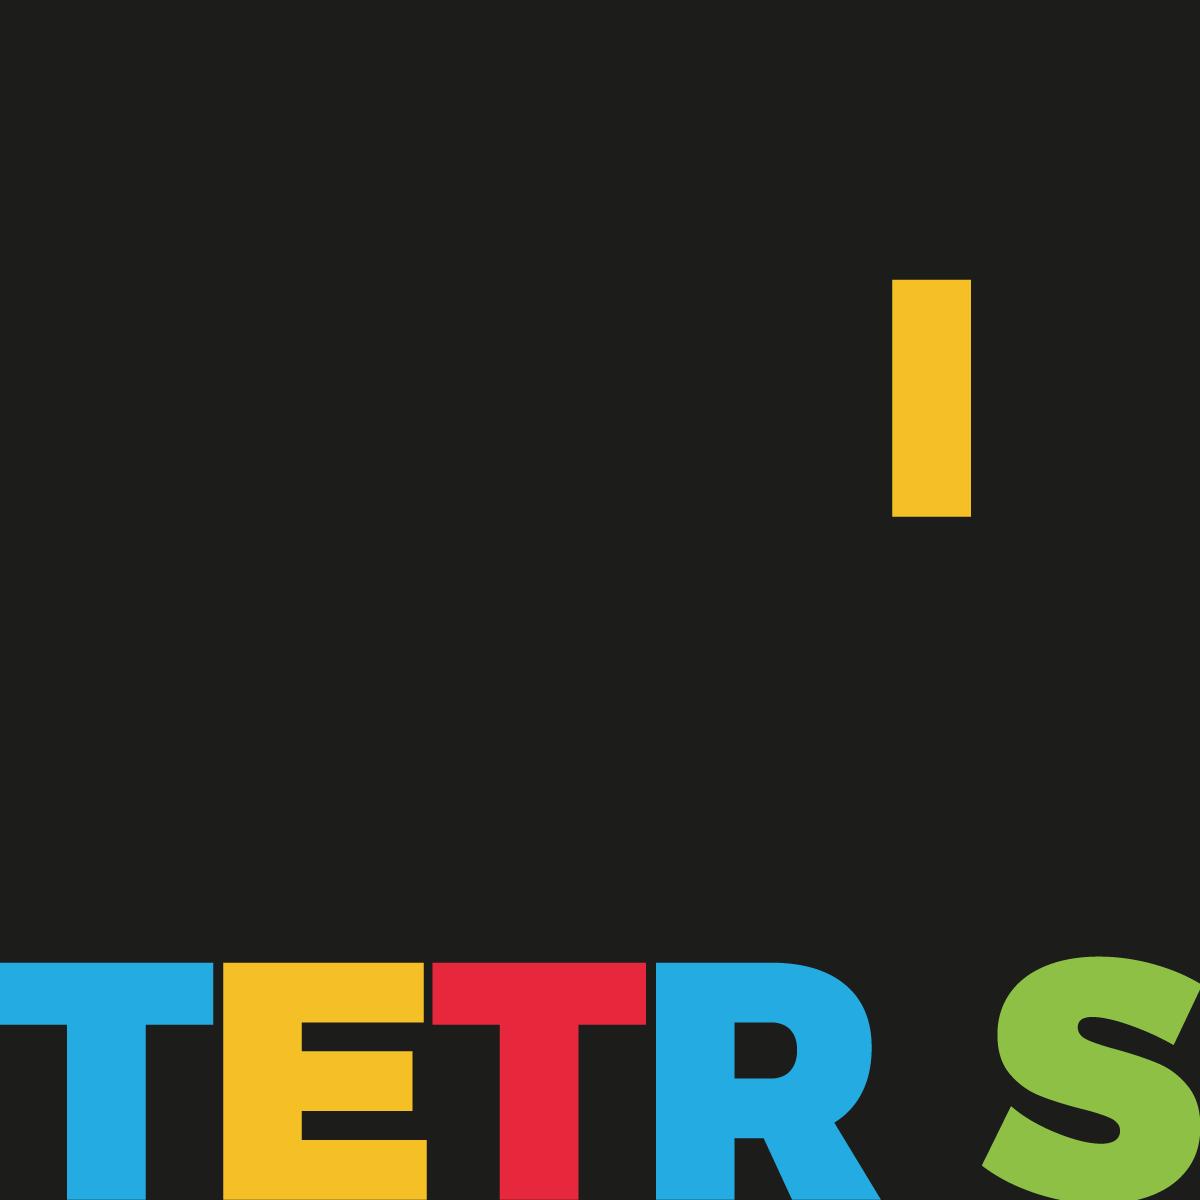 Tetris lettering design